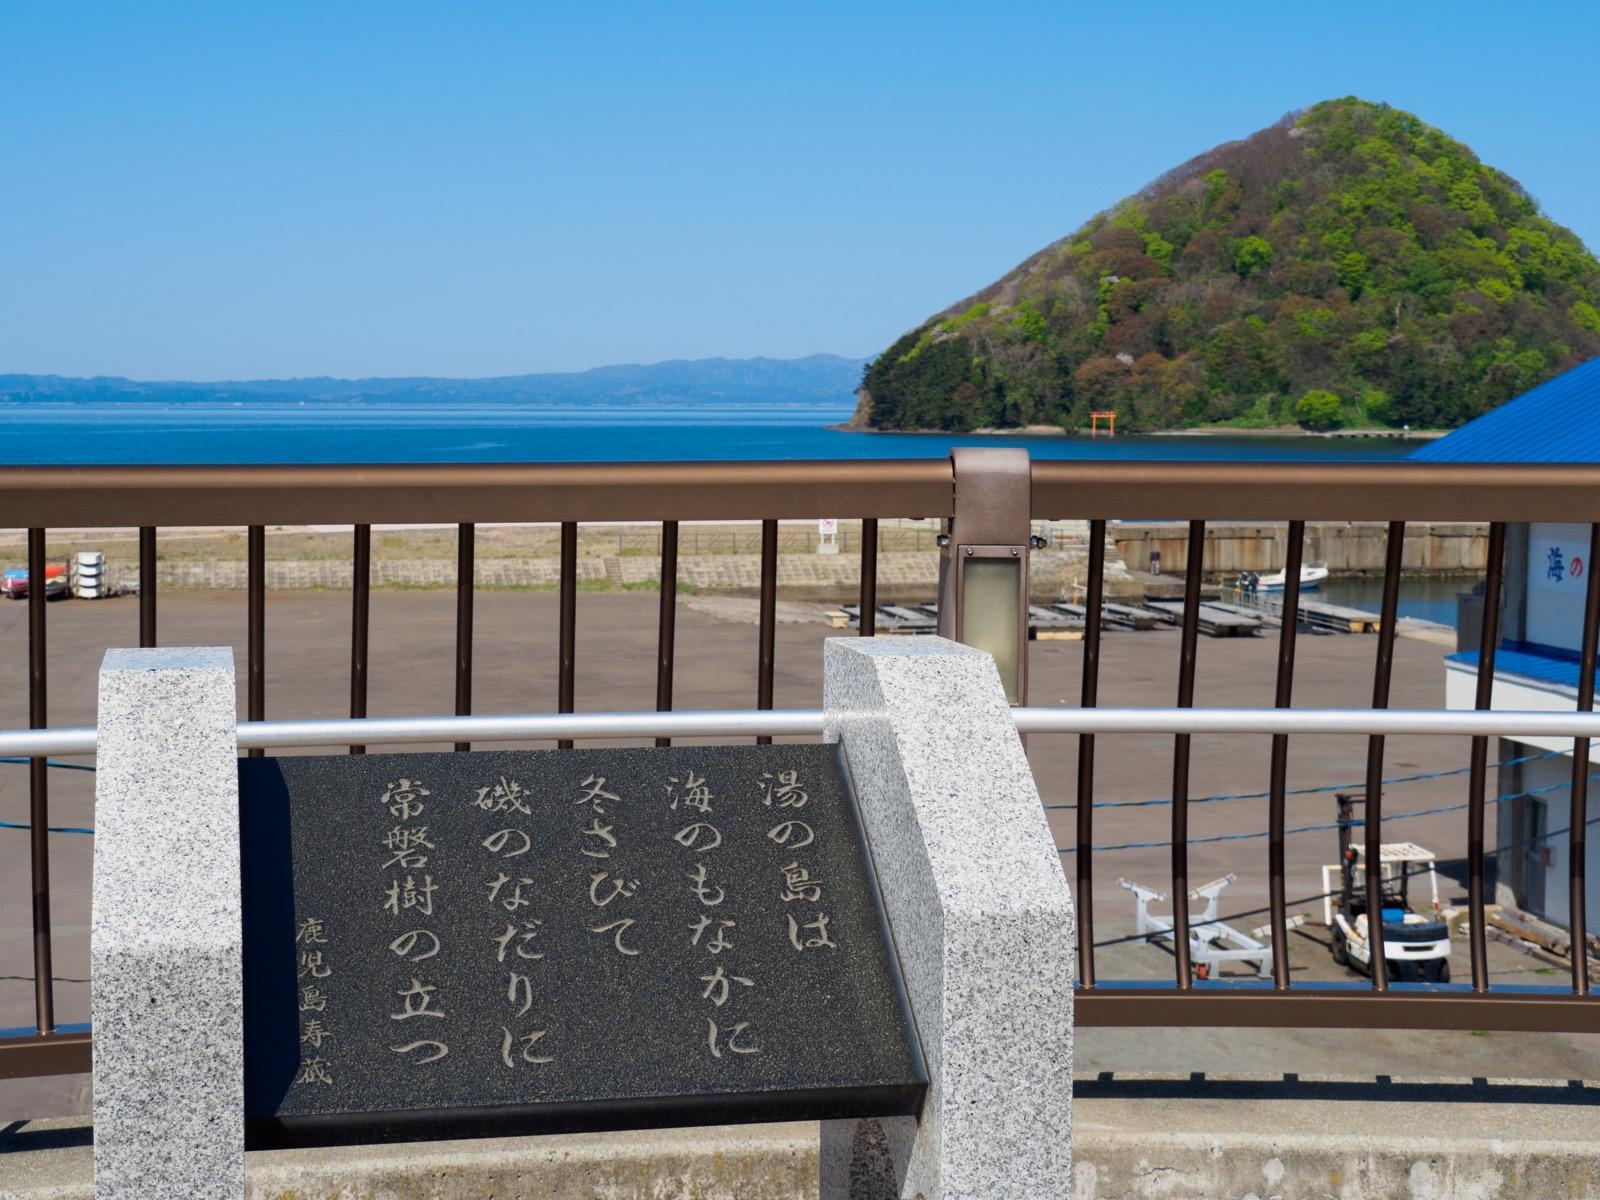 浅虫温泉駅前のゆうやけ橋から見える湯の島